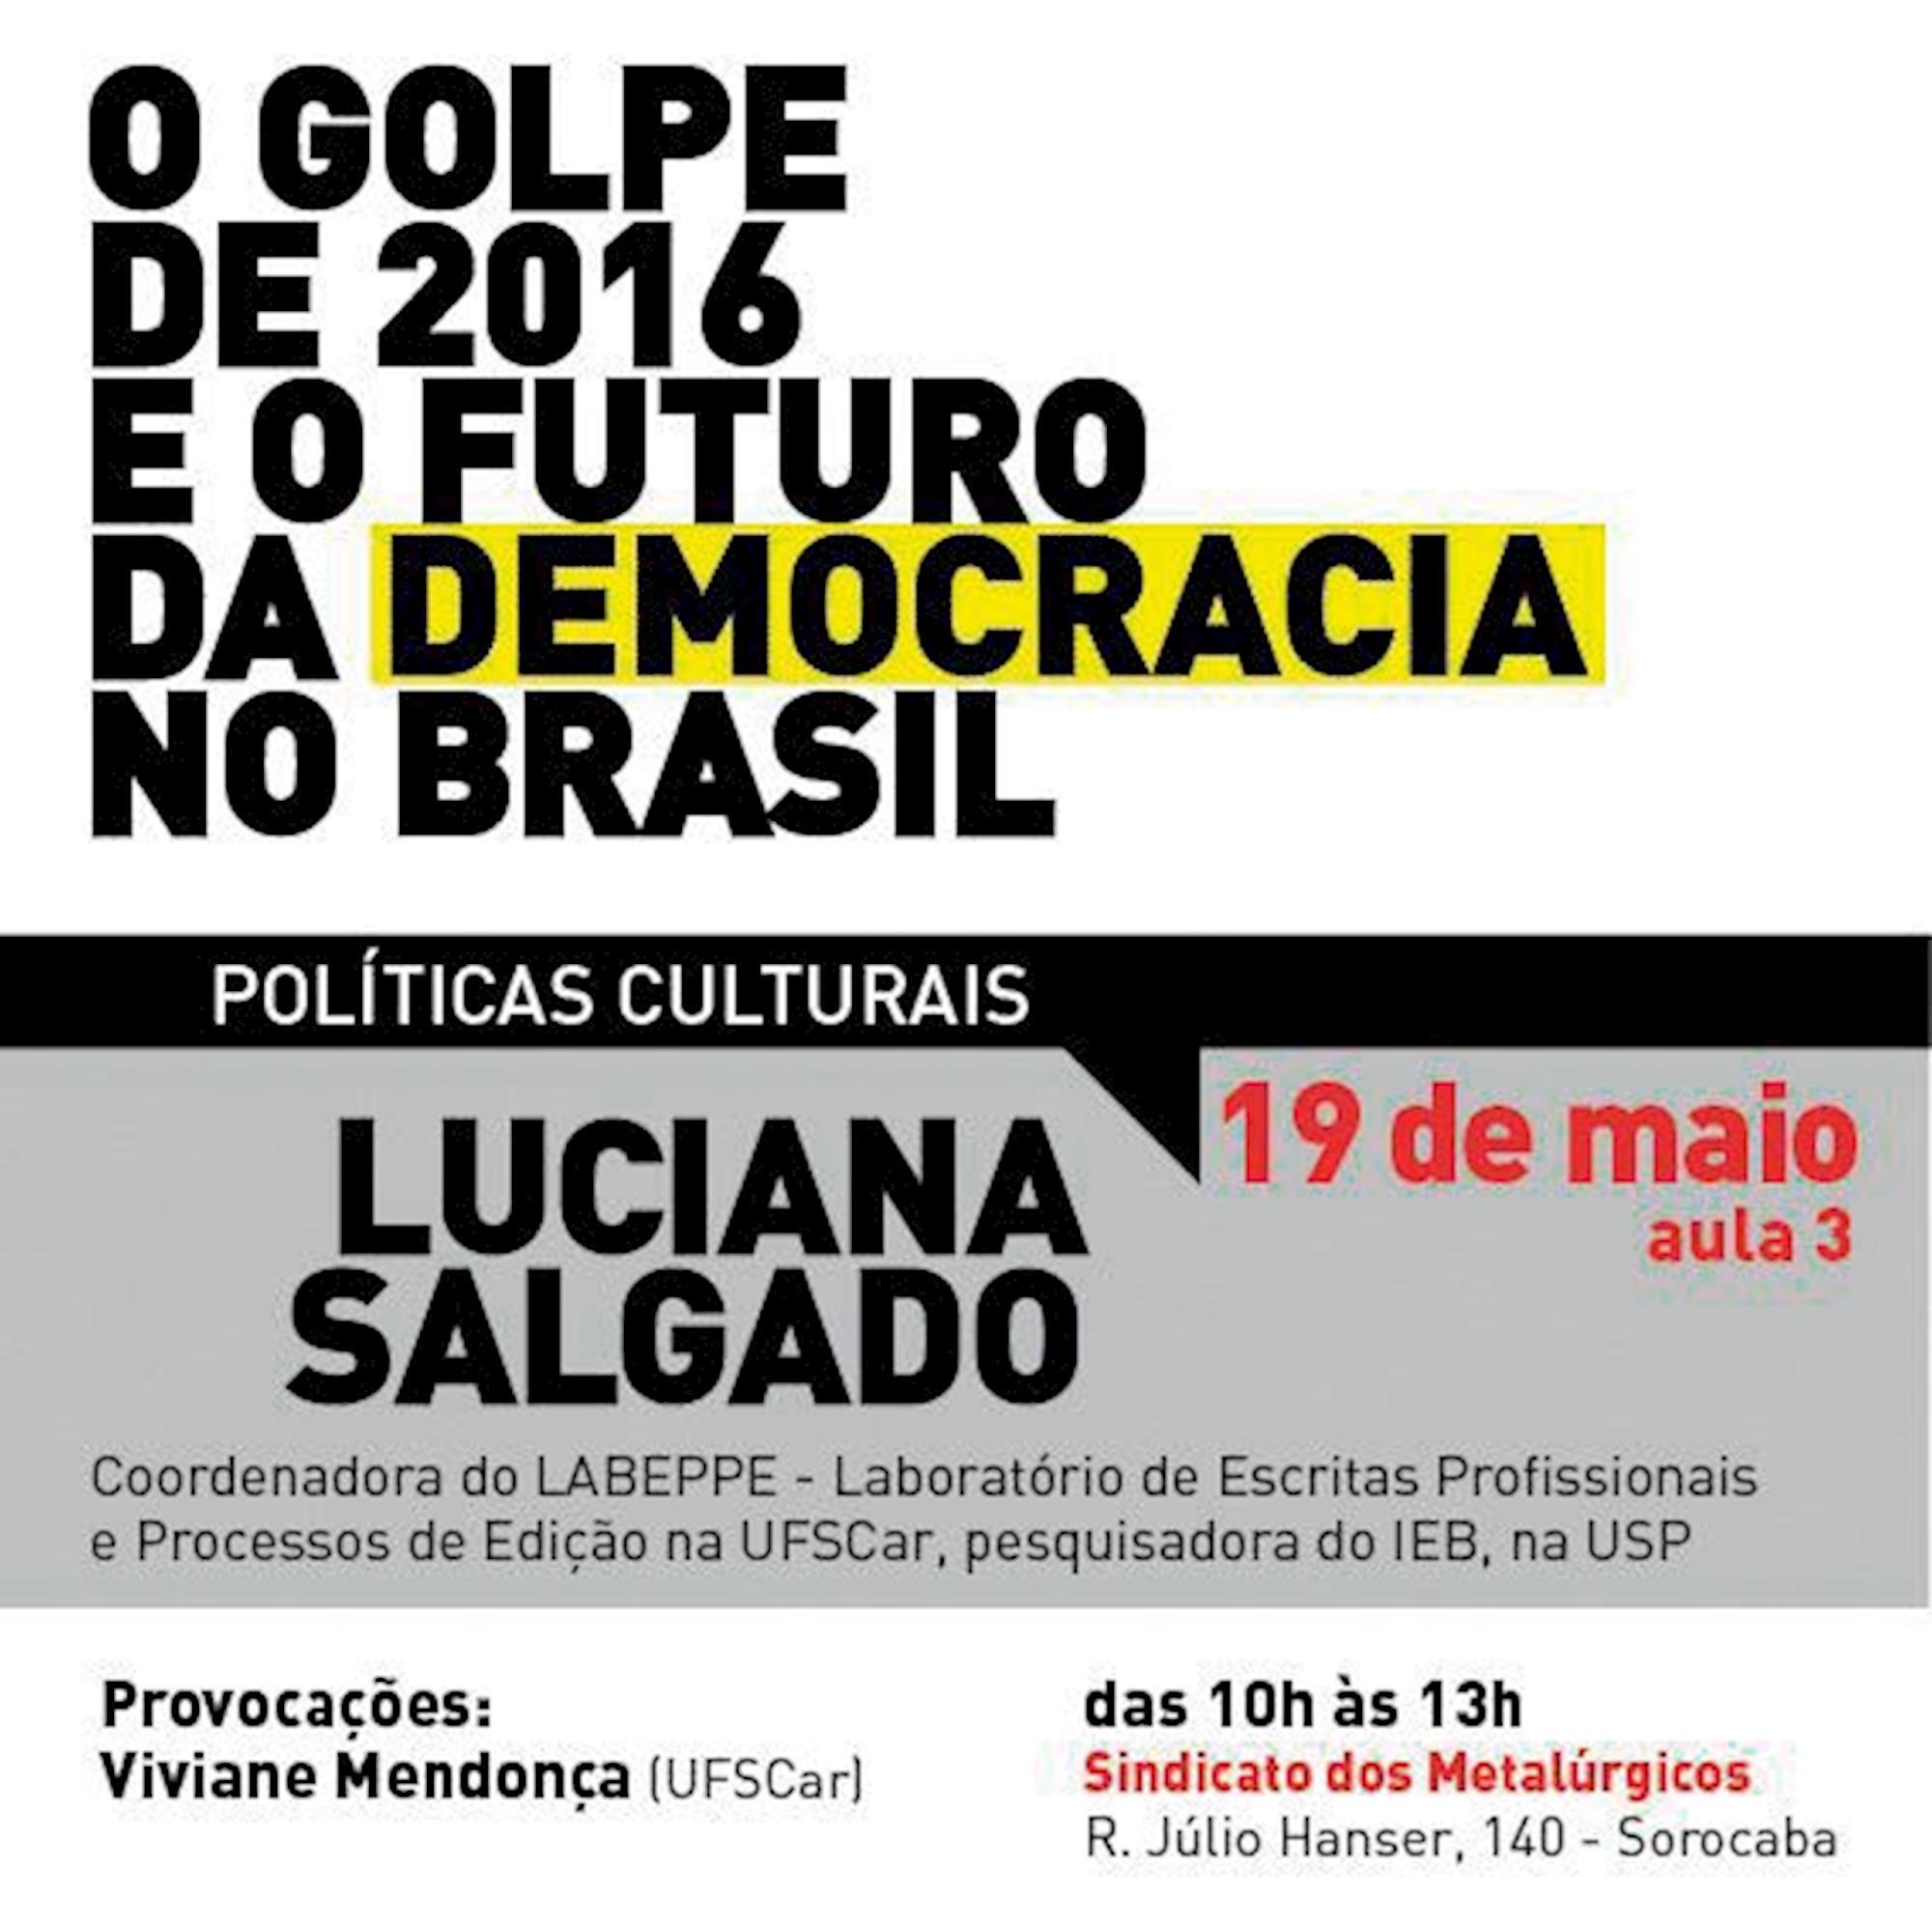 ufscar, Divulgação